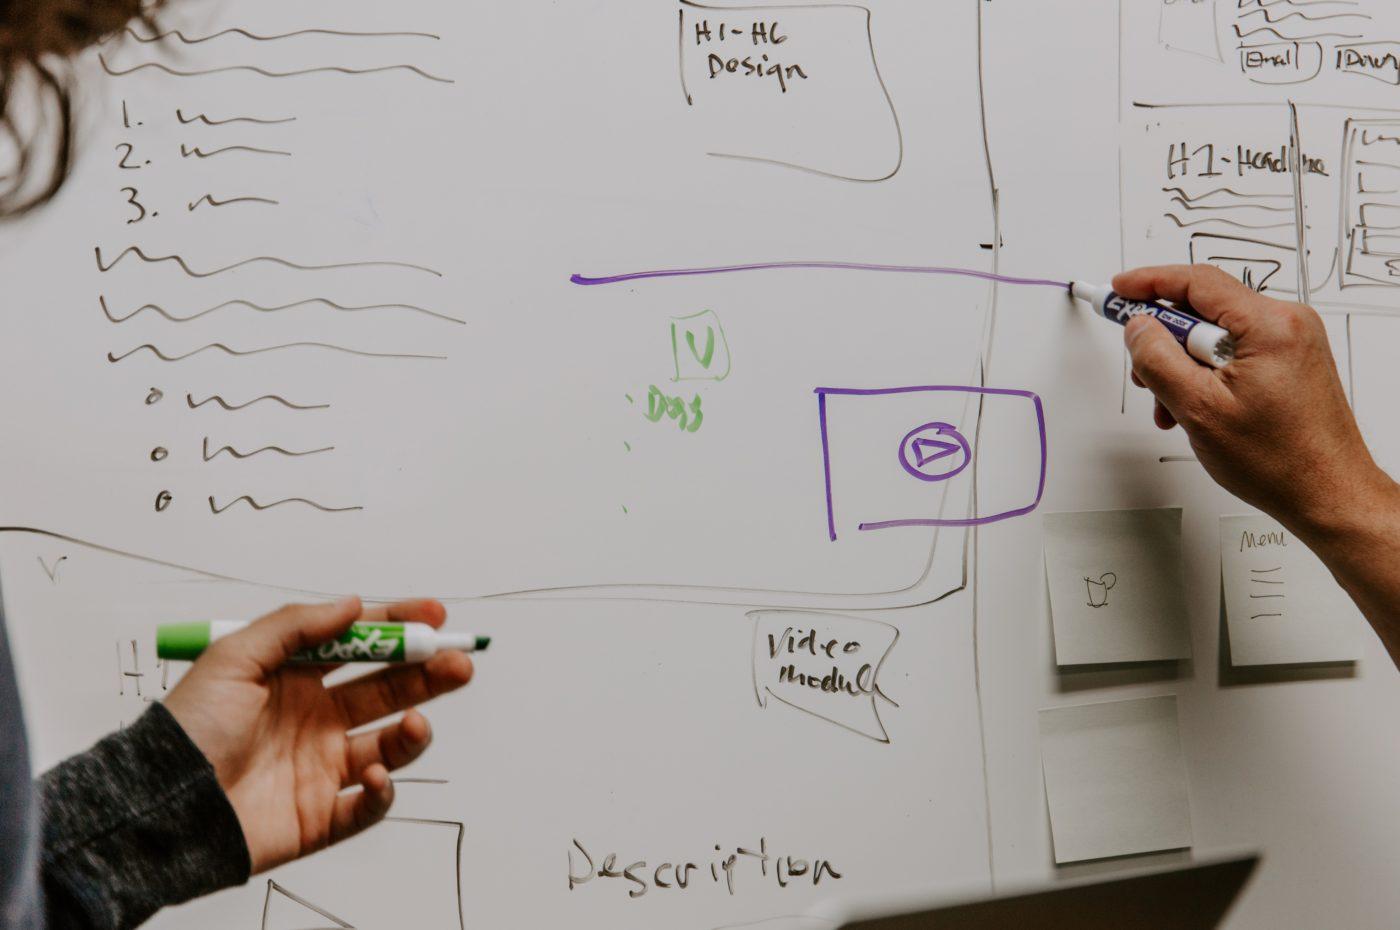 Whiteboard with a digital marketing strategy written on it